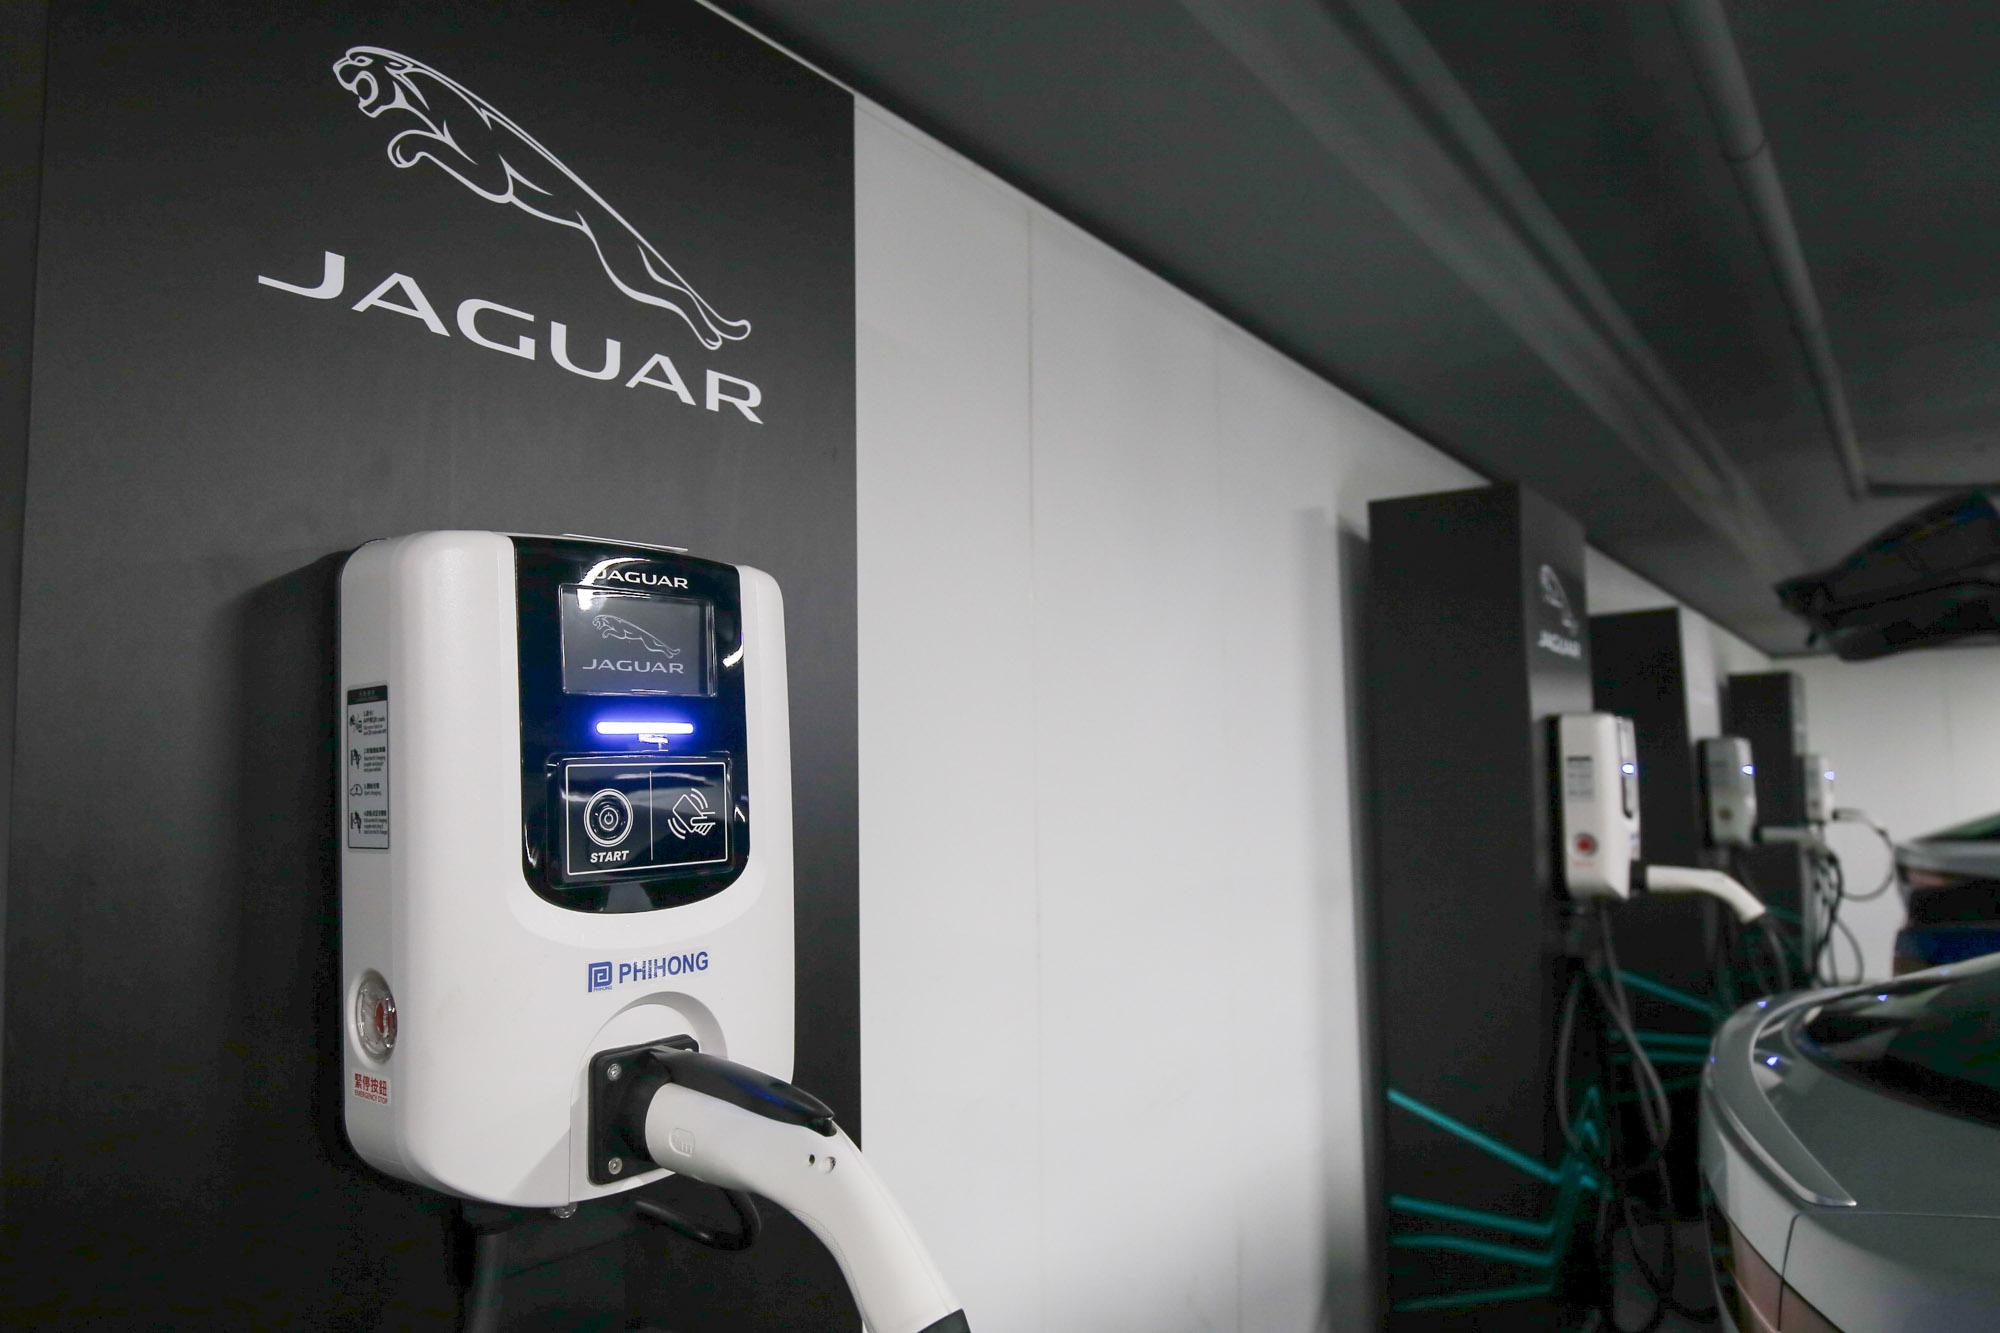 購入電動車前先評估自家住居加裝充電器的可行性絕對必須。